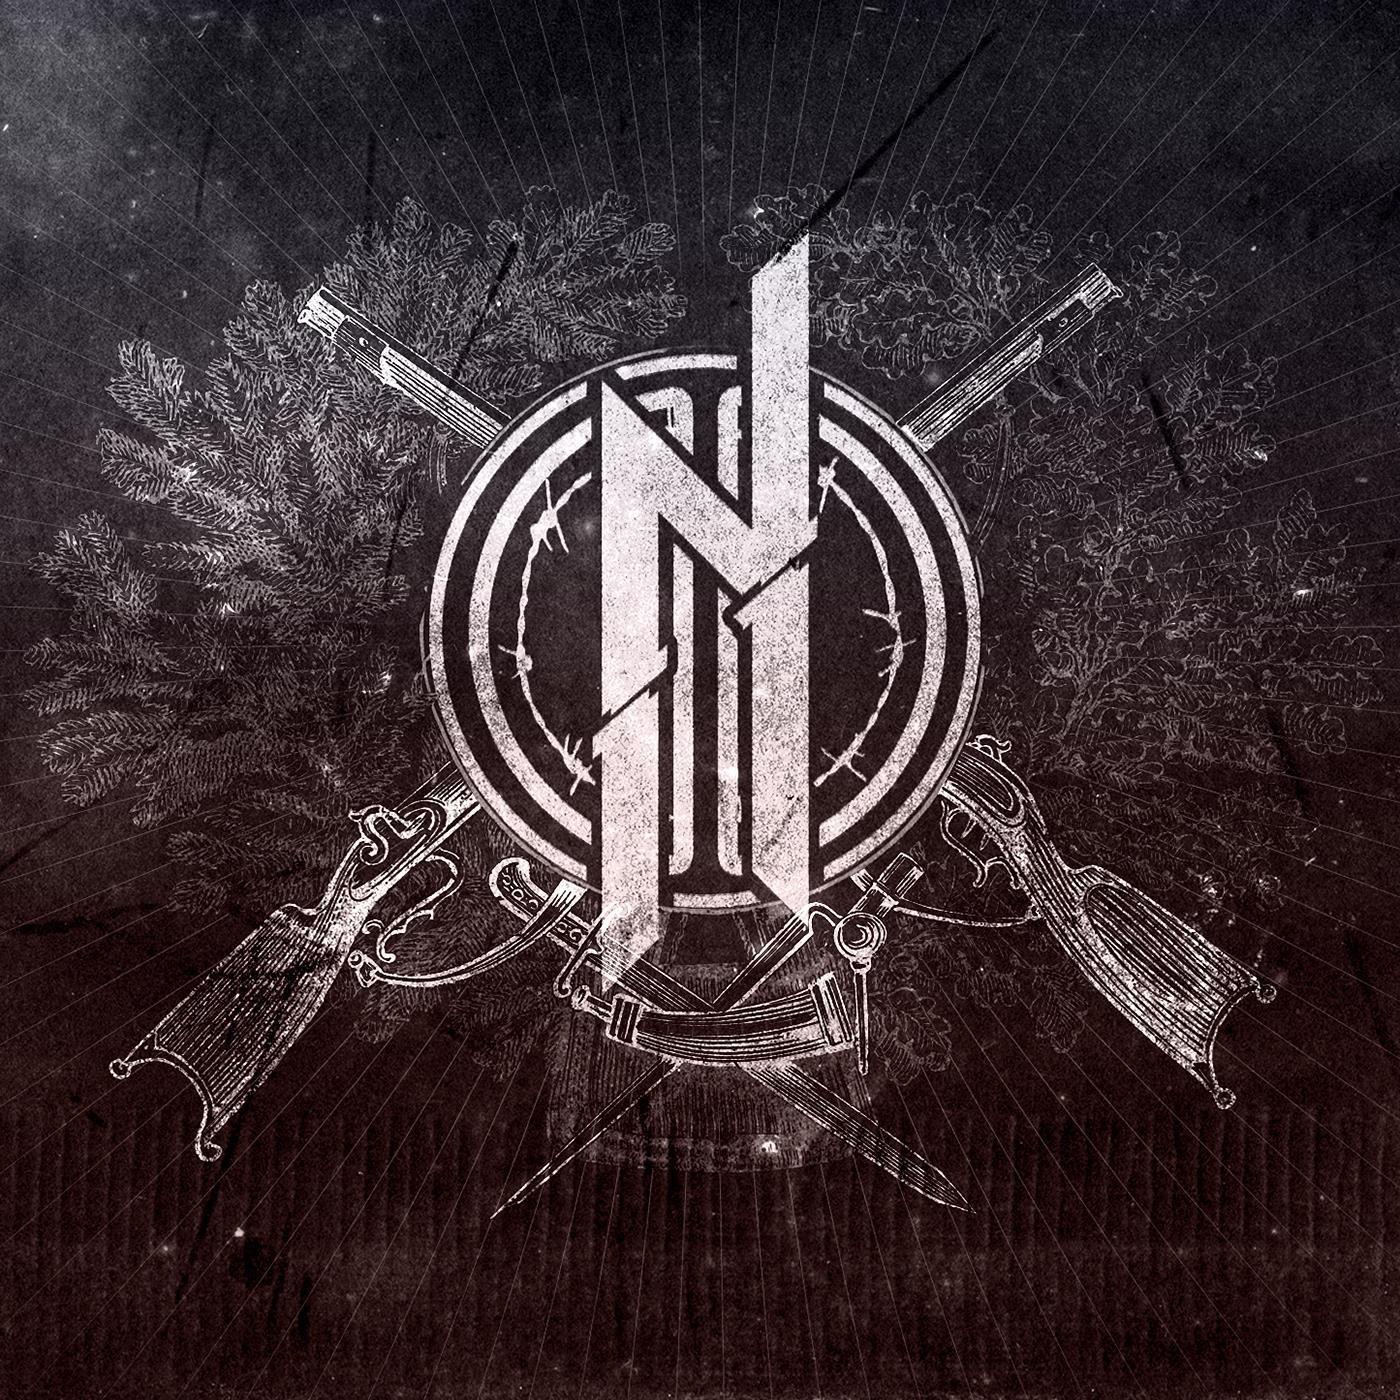 Normandie - Normandie [EP] (2013)